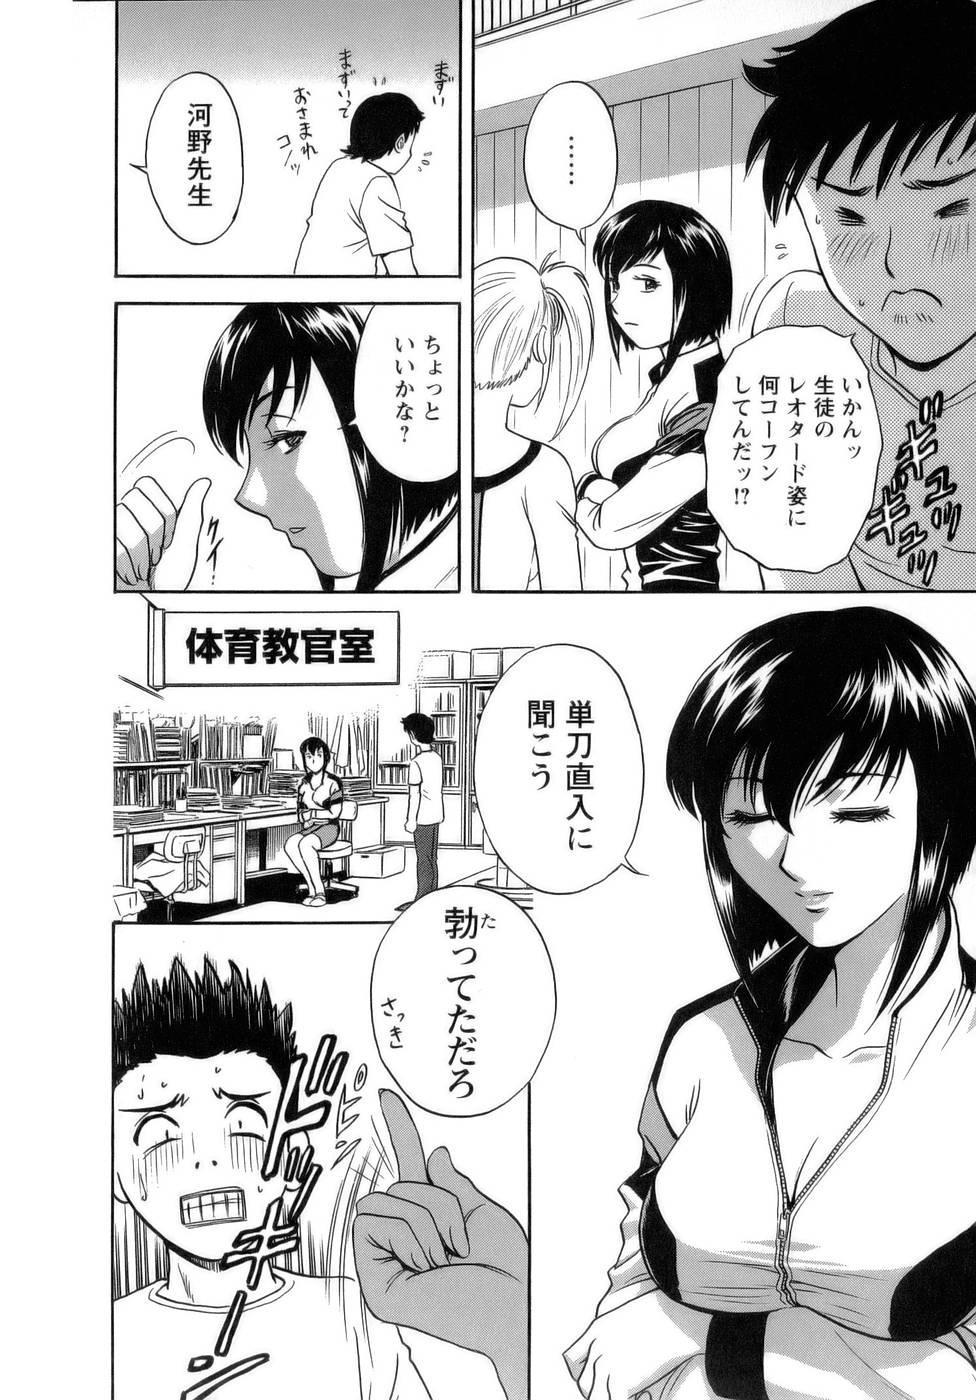 [Hidemaru] Mo-Retsu! Boin Sensei (Boing Boing Teacher) Vol.1 38